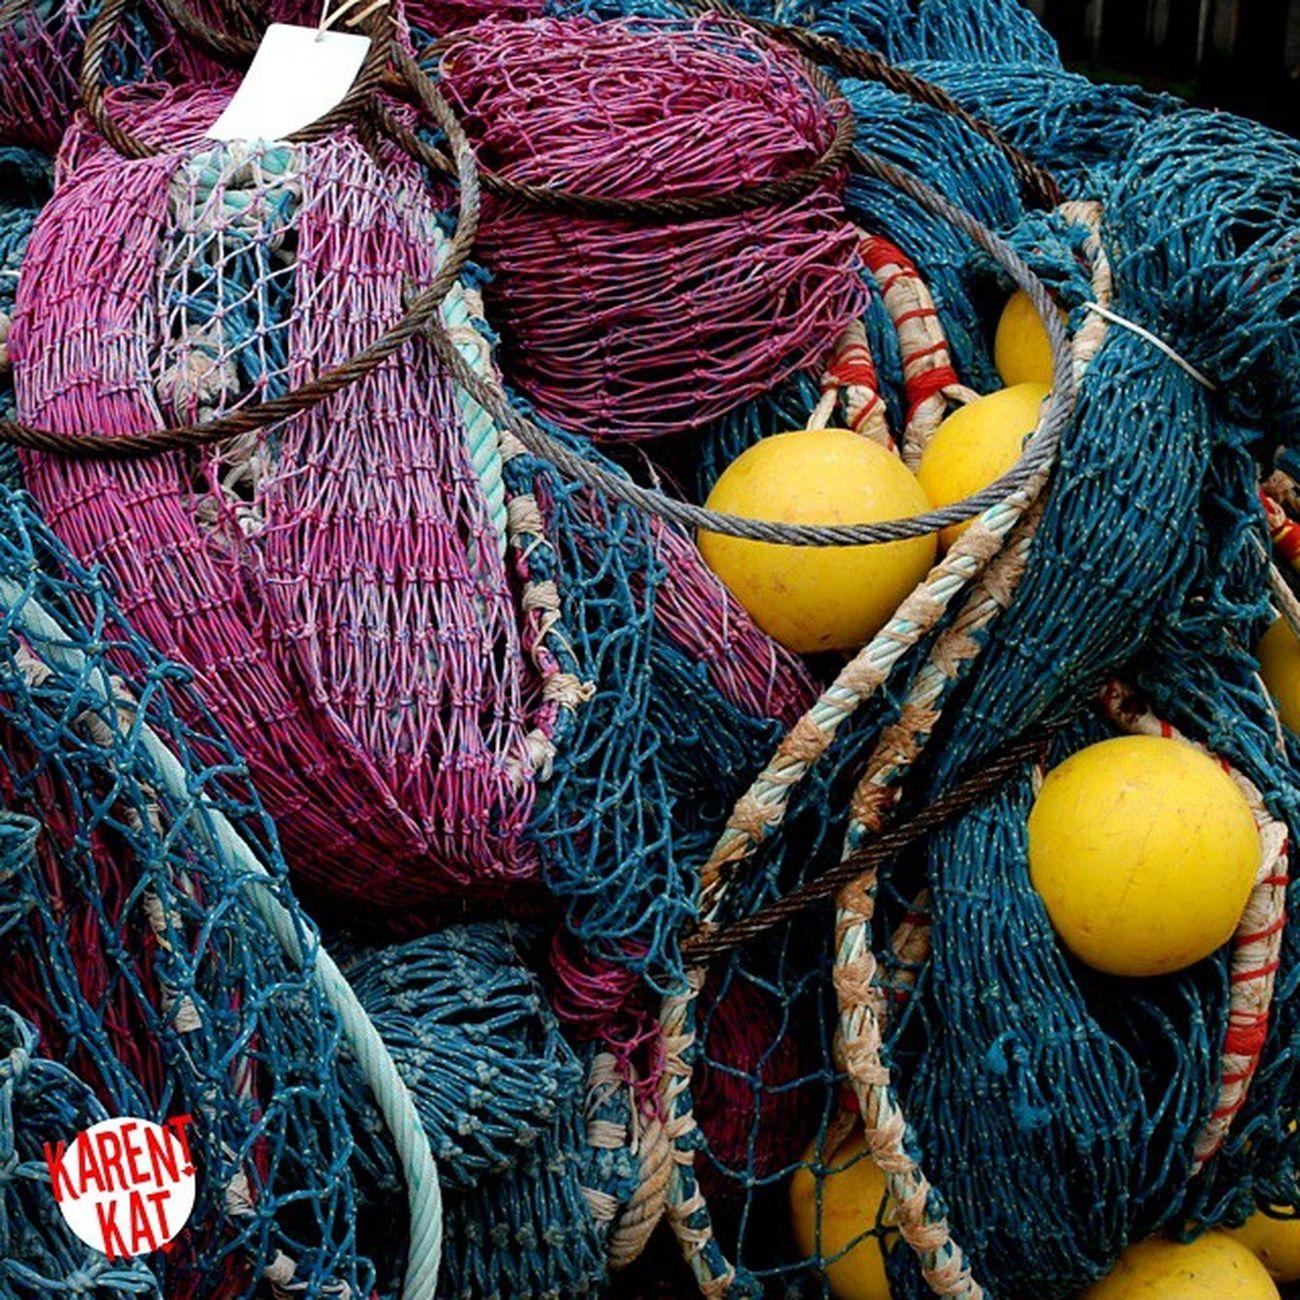 Pris dans les Filets Peche Filets Chalutier port chalut Bretagne BZH bretagnetourisme Finistère